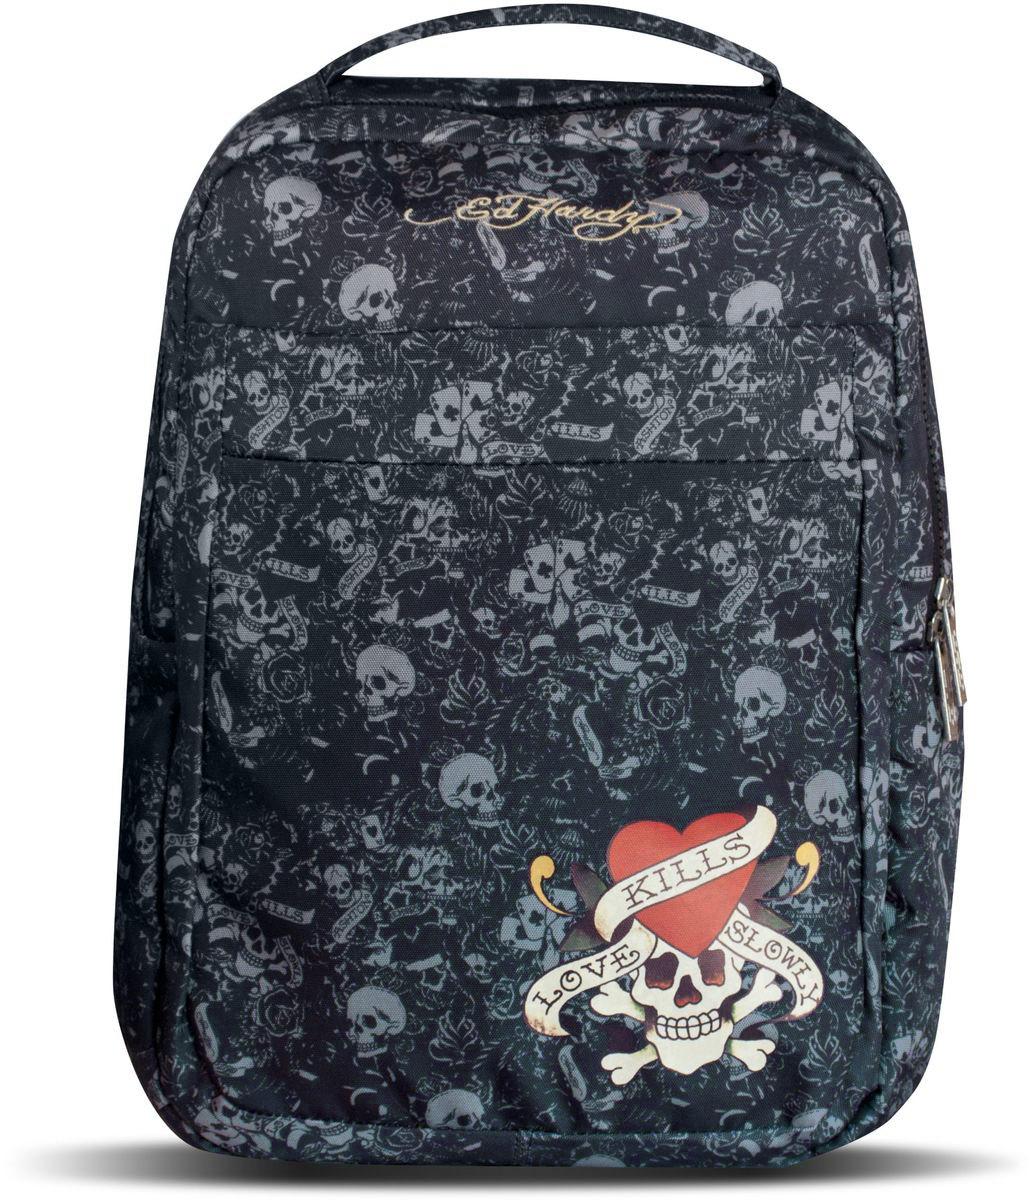 Ed Hardy Рюкзак детский цвет черный серый29190Детский рюкзак Ed Hardy - это красивый и удобный рюкзак, который подойдет всем, кто хочет разнообразить свои будни. Рюкзак выполнен из плотного материала и оформлен яркой аппликацией с черепом и сердцем. Рюкзак имеет одно основное вместительное отделения на молнии. Внутри отделения расположен мягкий карман на хлястике с липучкой, три открытых кармана и два фиксатора для канцелярских принадлежностей. На лицевой стороне расположен объемный накладной карман на молнии. Рюкзак также оснащен удобной и прочной ручкой для переноски. Широкие лямки можно регулировать по длине. Рюкзак снабжен светоотражающими вставками. Рюкзак снабжен светоотражающими вставками. Многофункциональный детский рюкзак станет незаменимым спутником вашего ребенка.